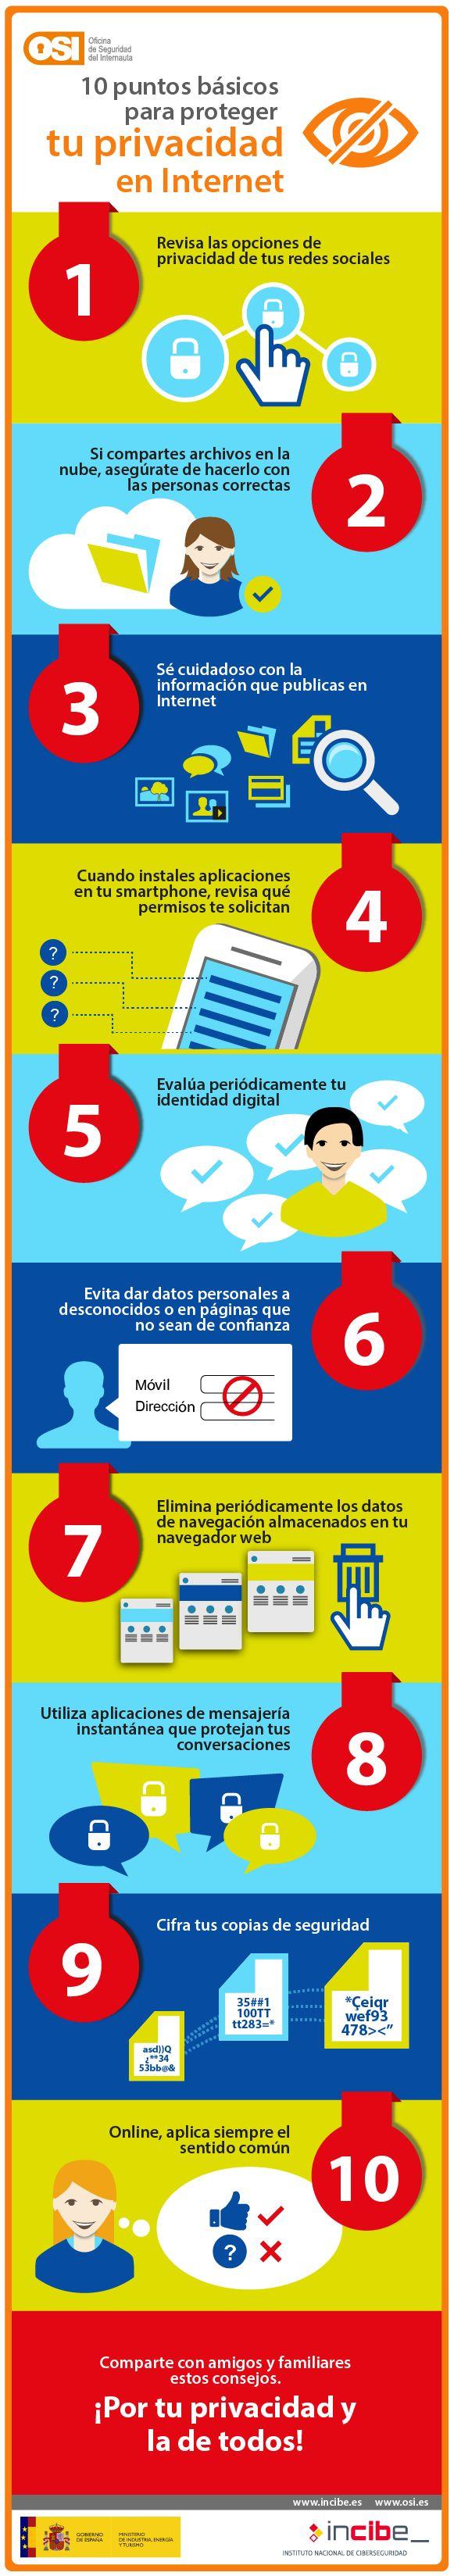 10 puntos b sicos para proteger tu privacidad online los for Oficina electronica seguridad social